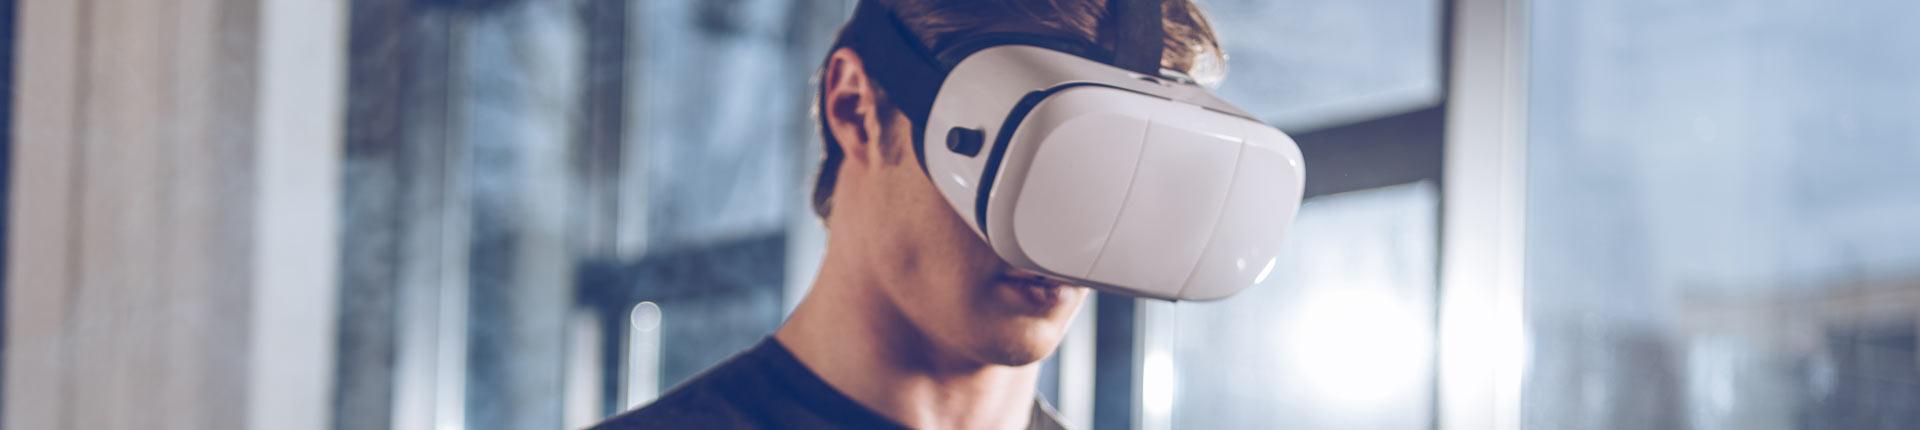 Wirtualna rzeczywistość może pomóc w treningu?